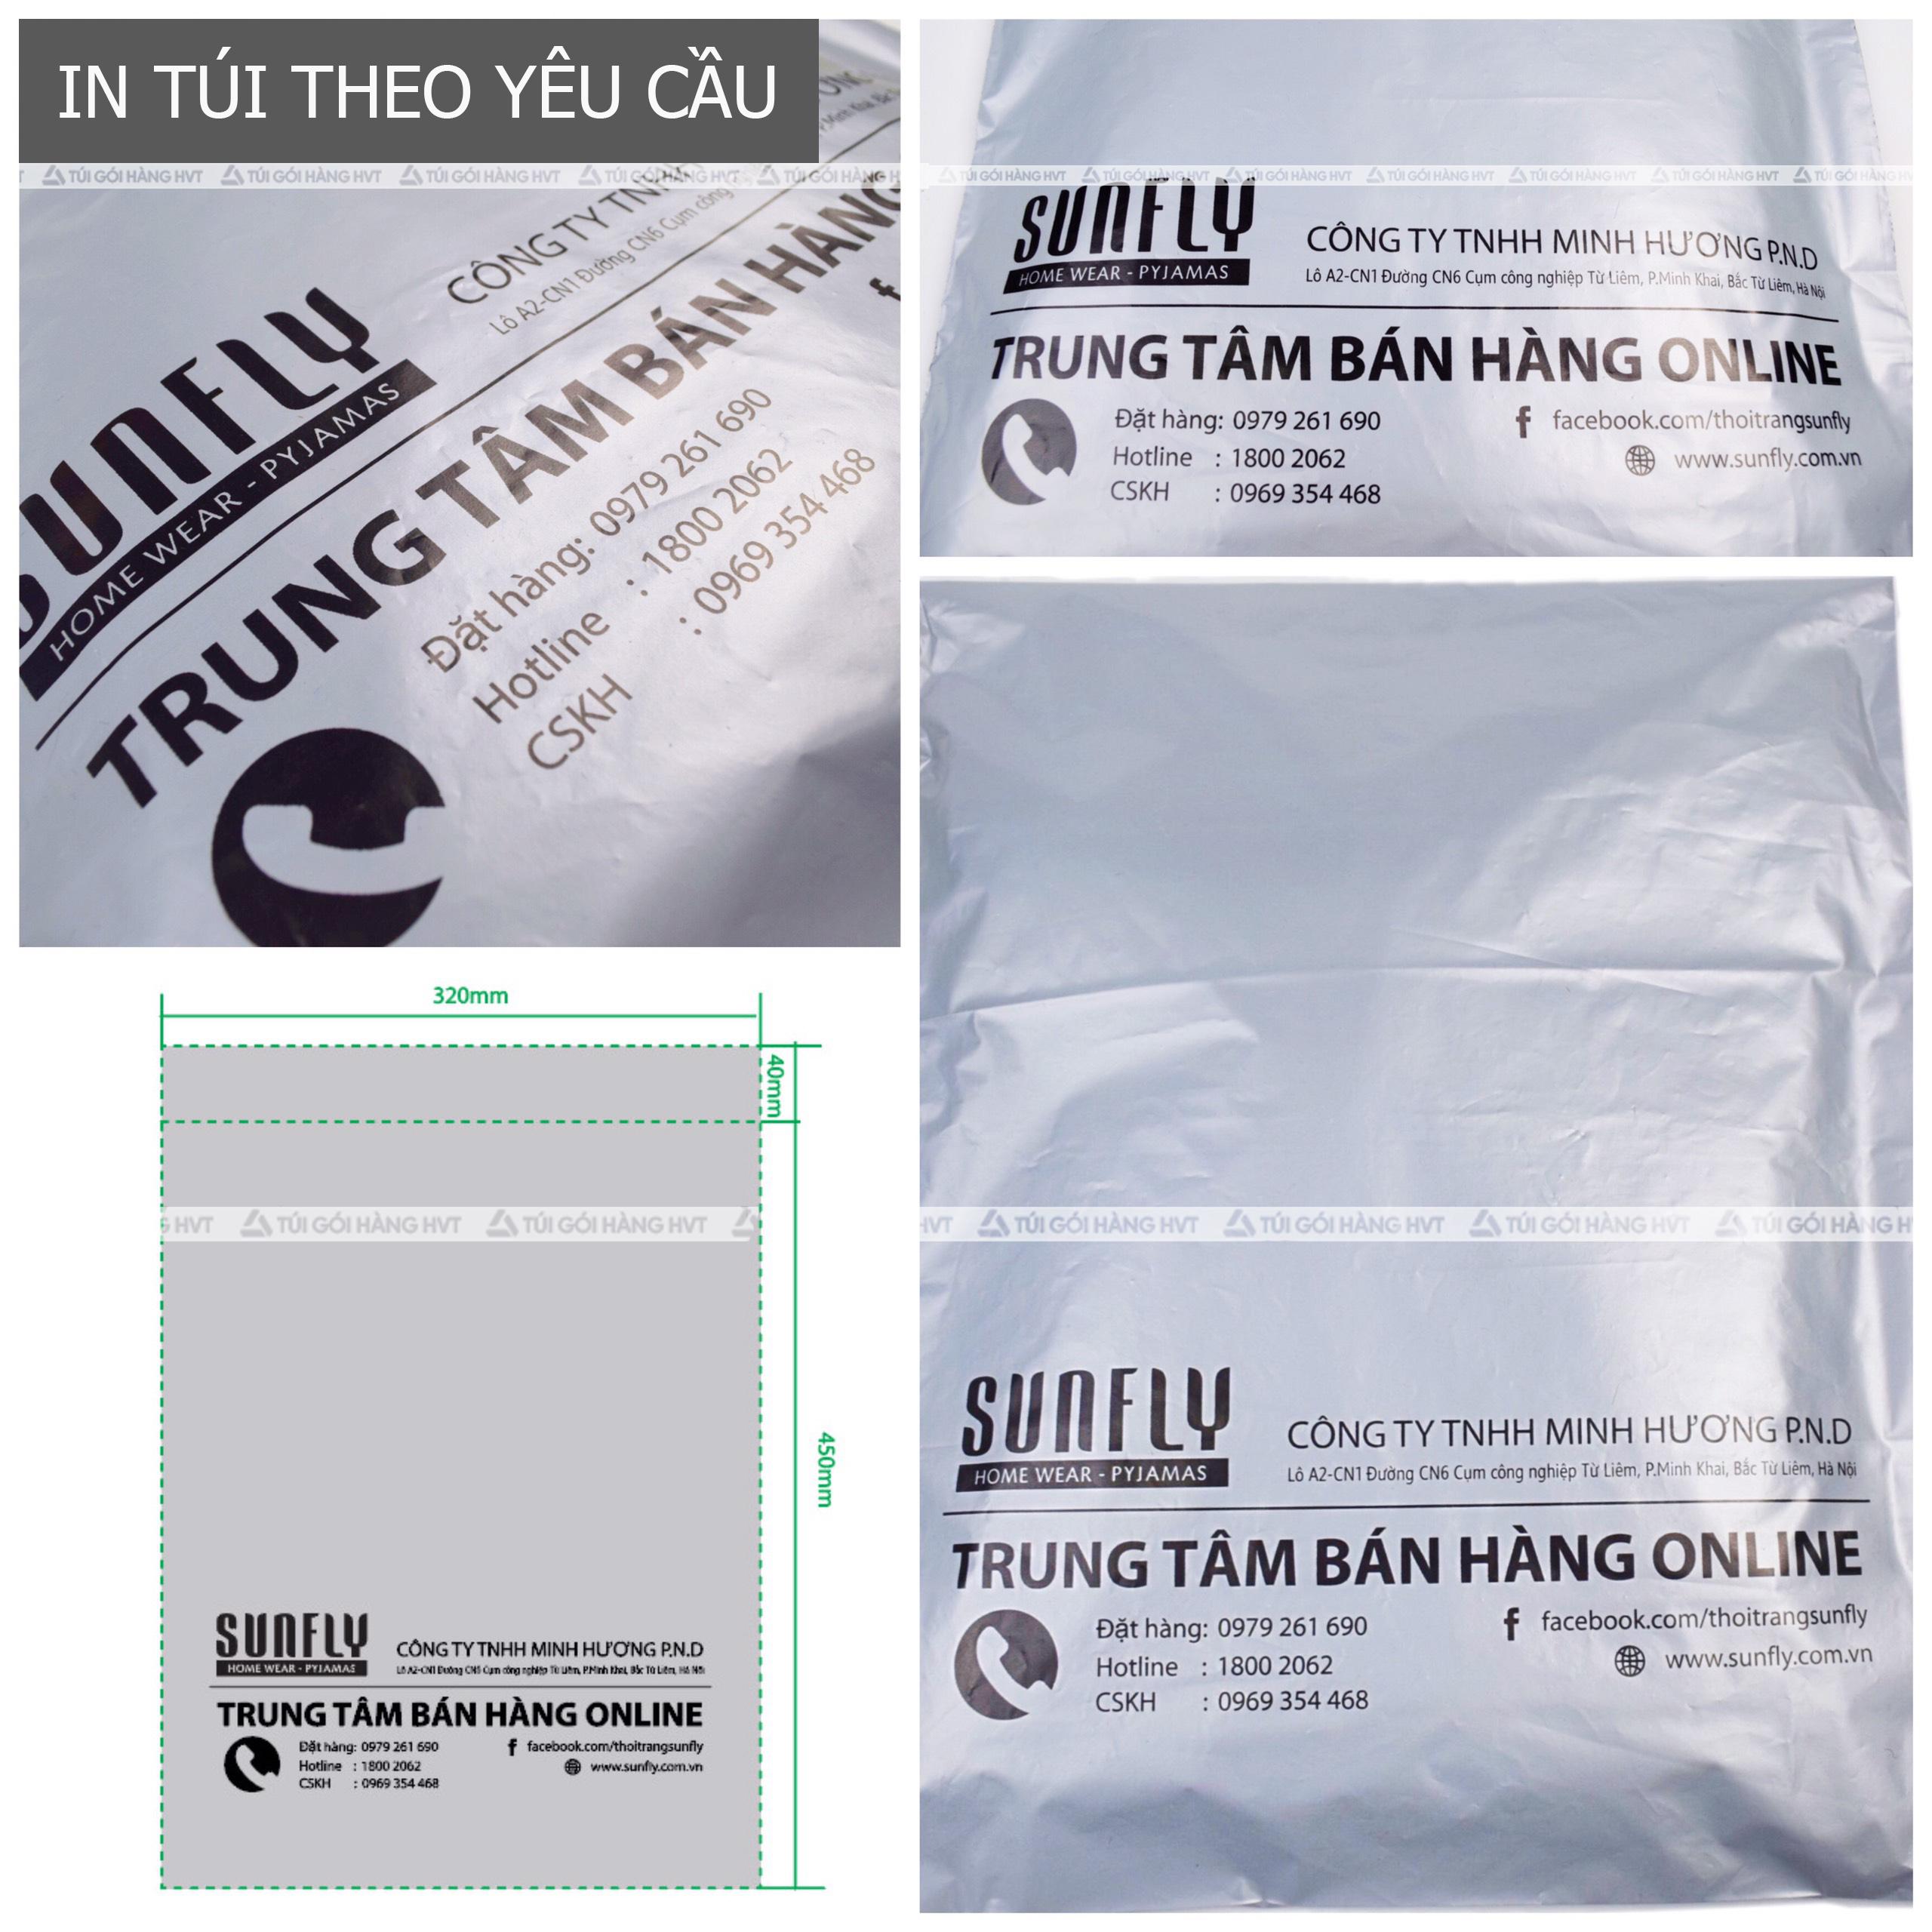 Túi gói hàng in logo thương hiệu